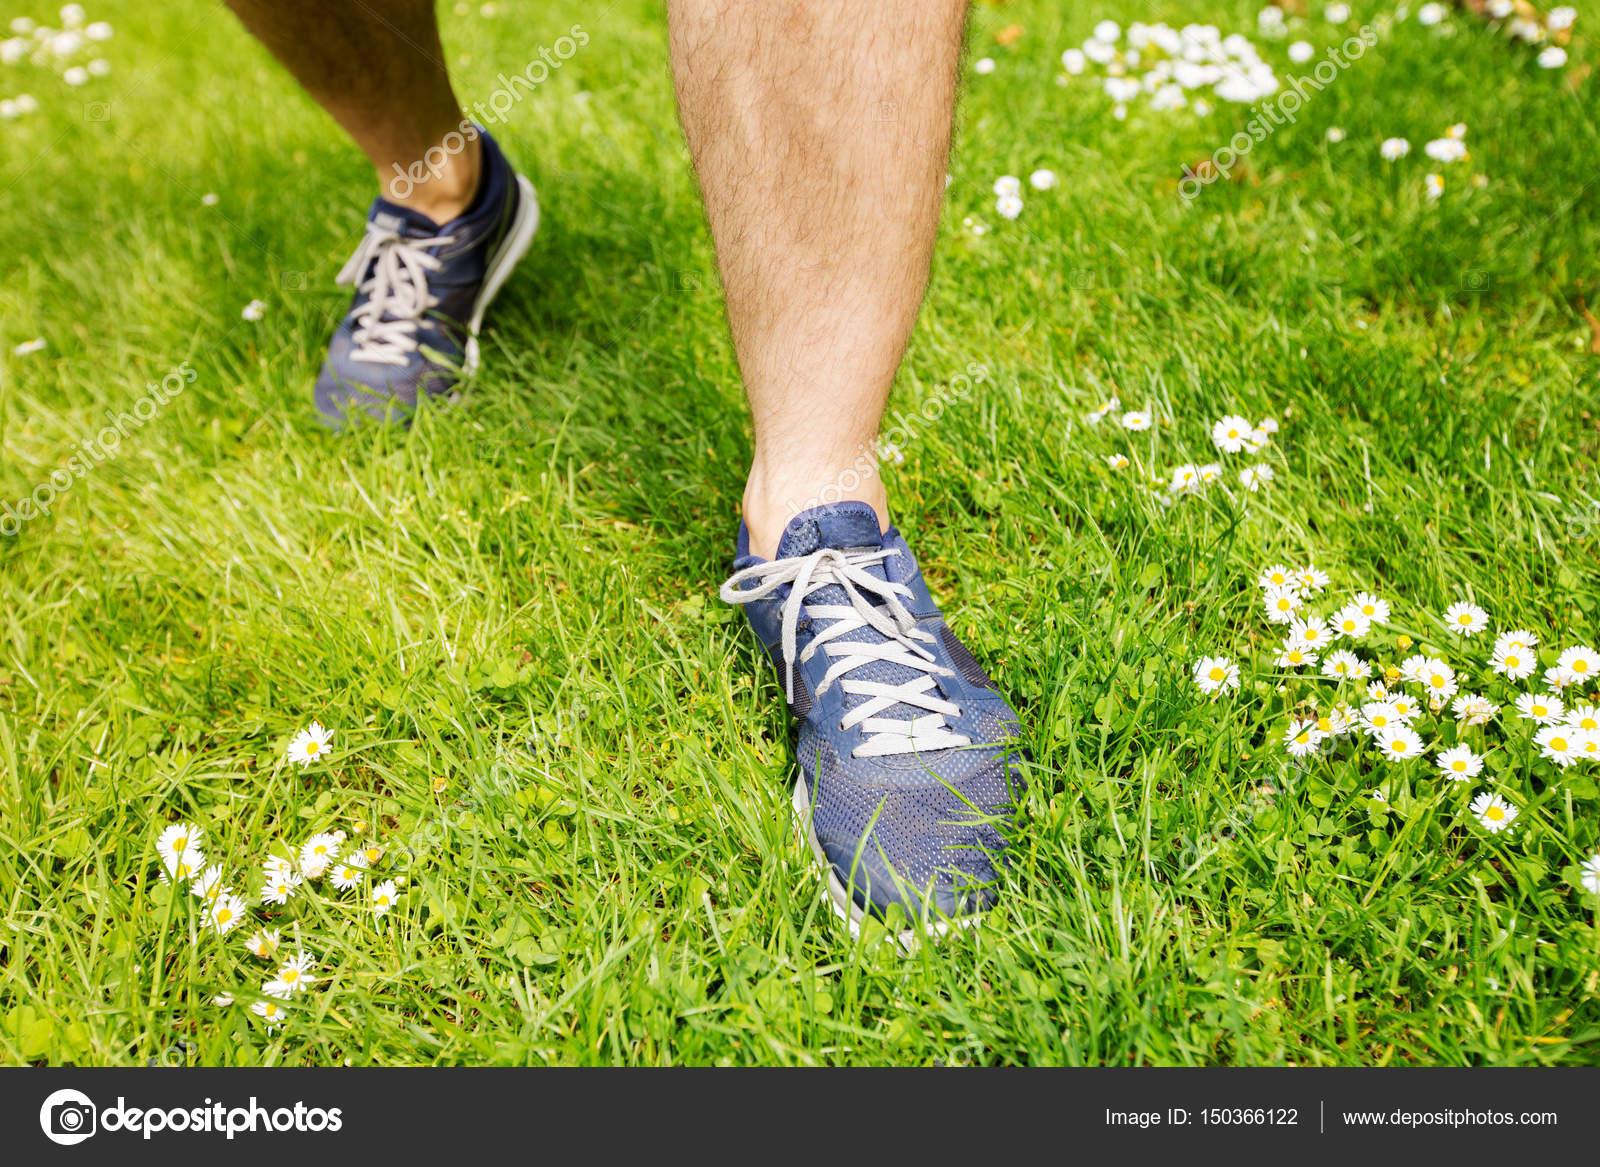 Estilo Zapatillas Activo Atleta Con Saludable Vida De Hombre srtxhQdC